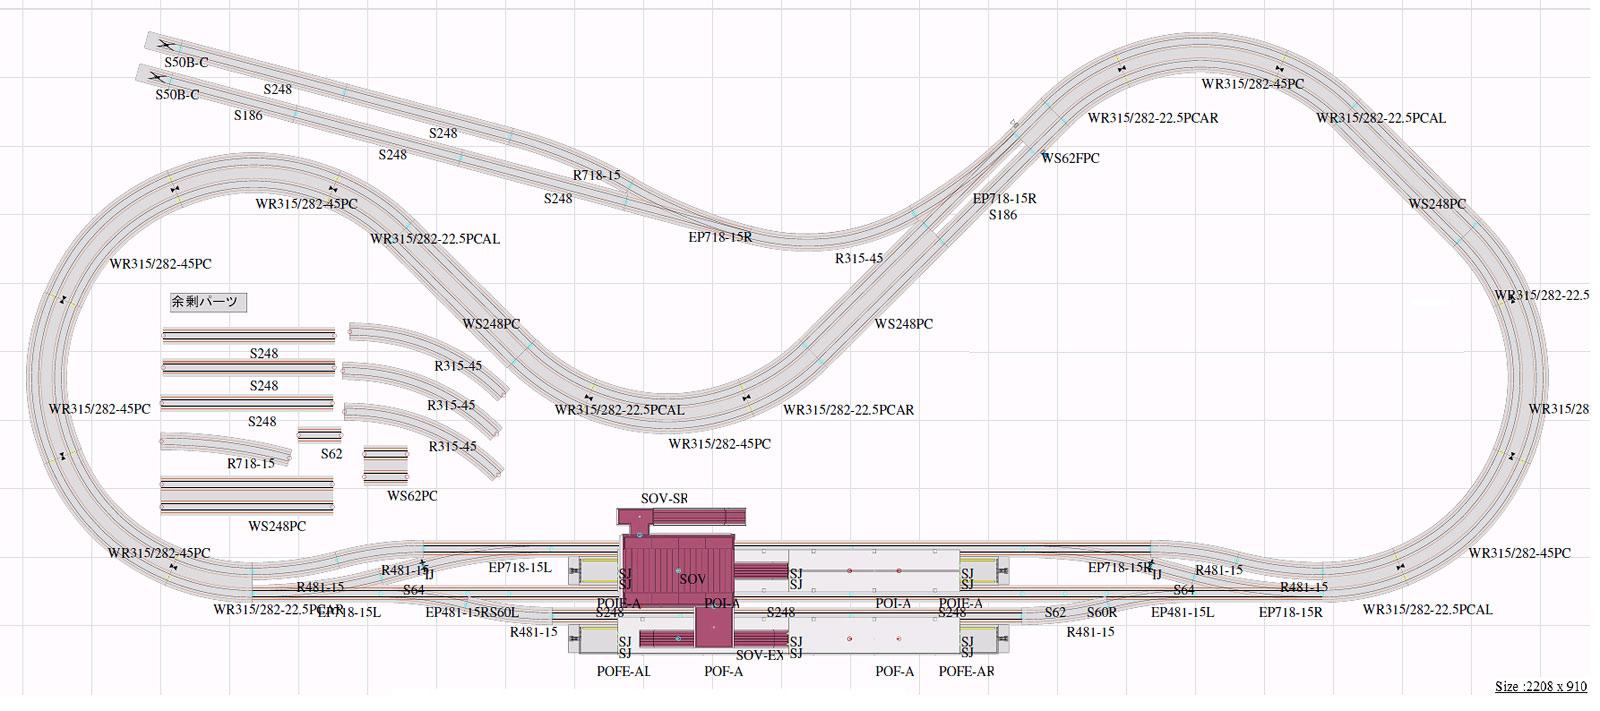 プラン01-2 私鉄本線すれ違いプラン【KATO・Plan01-2】「鉄道模型 Nゲージ カトー」